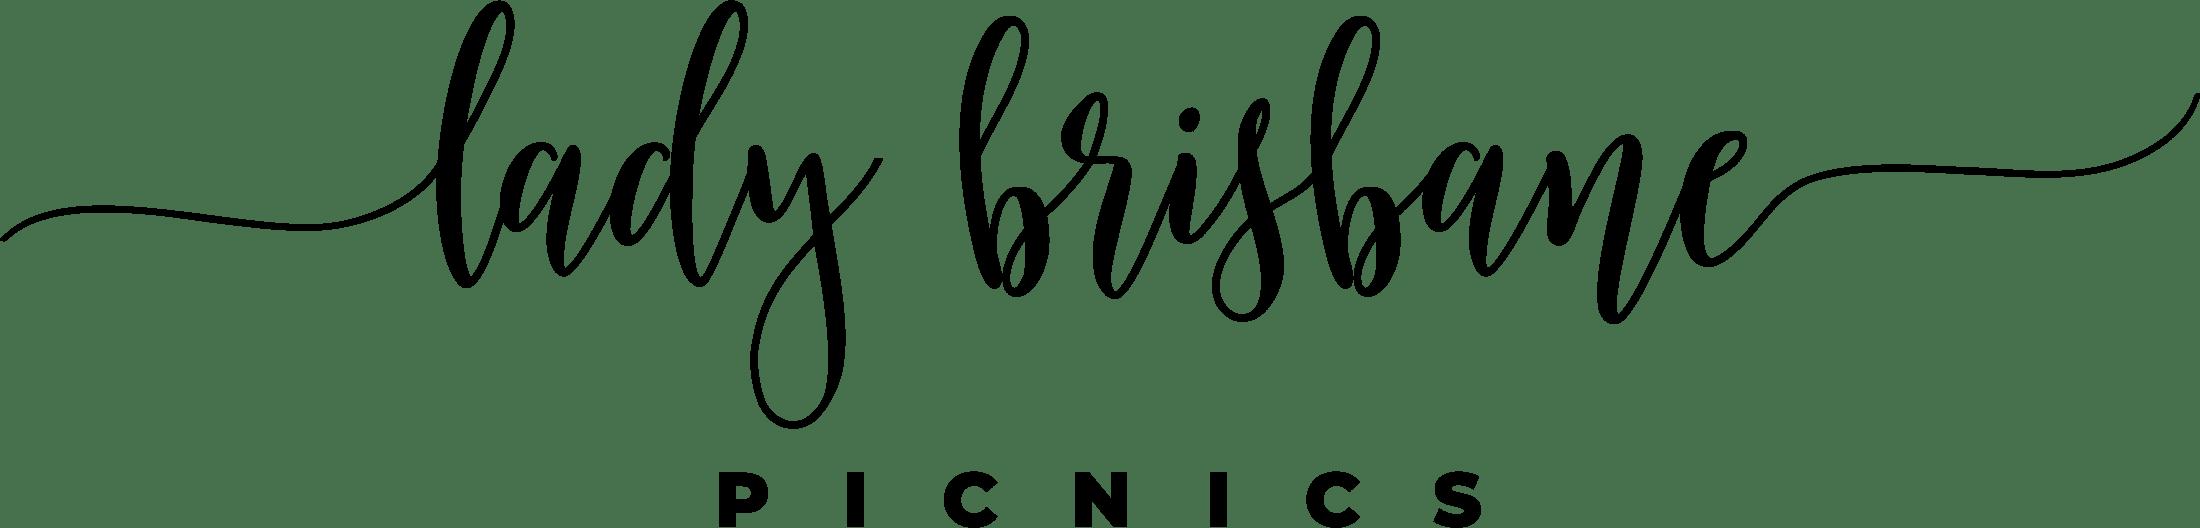 Lady Brisbane Picnics